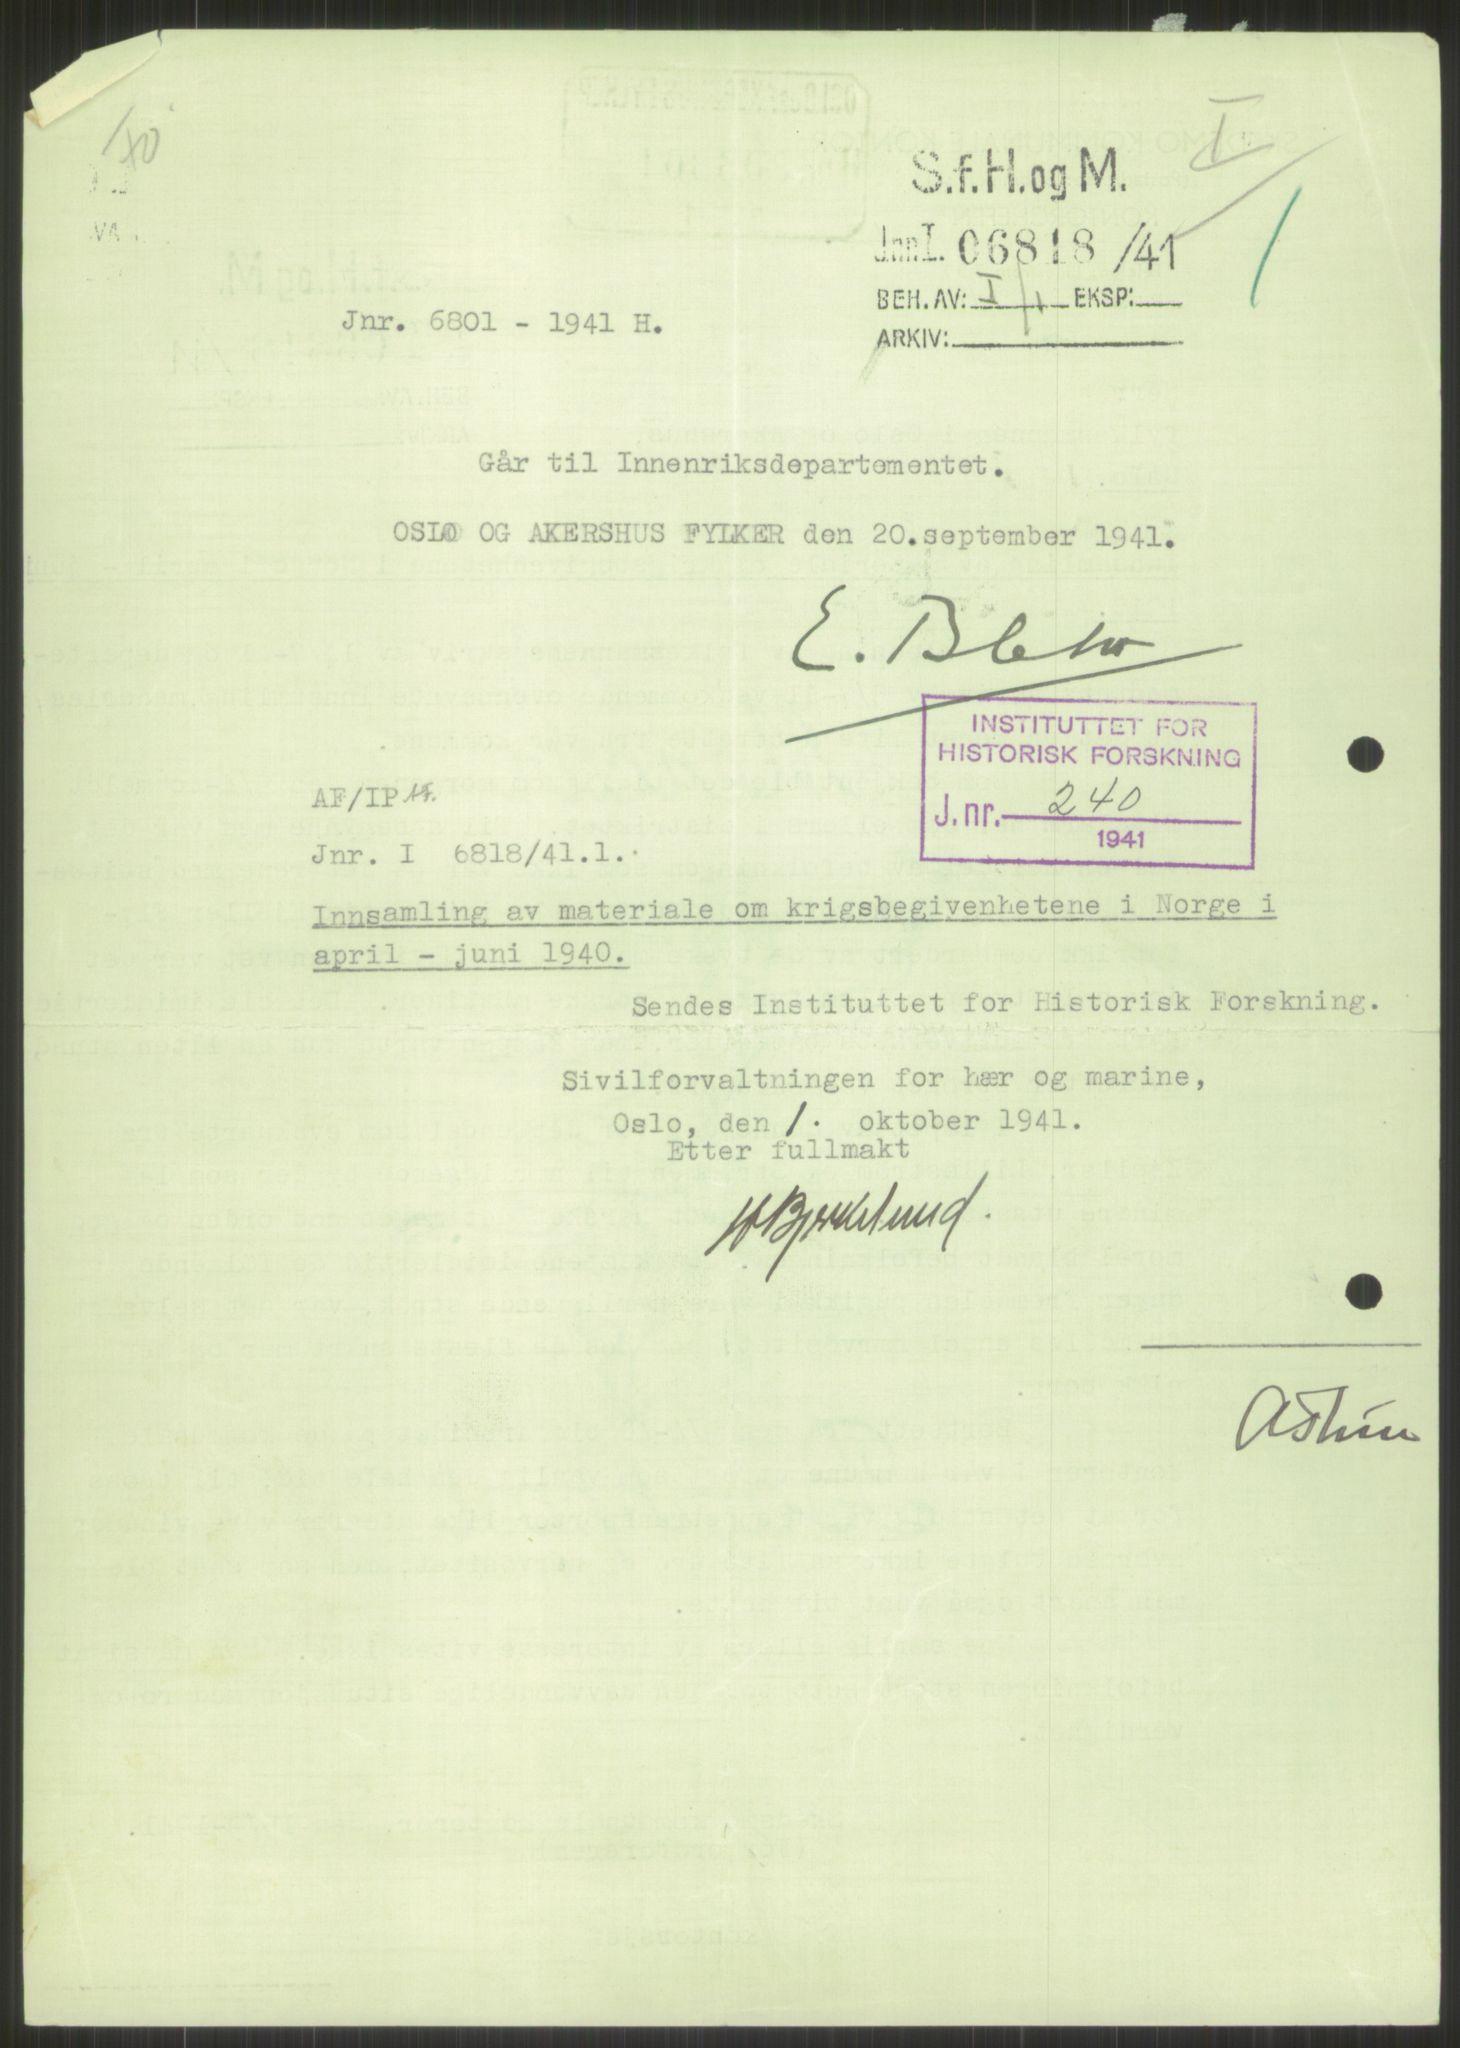 RA, Forsvaret, Forsvarets krigshistoriske avdeling, Y/Ya/L0013: II-C-11-31 - Fylkesmenn.  Rapporter om krigsbegivenhetene 1940., 1940, s. 828